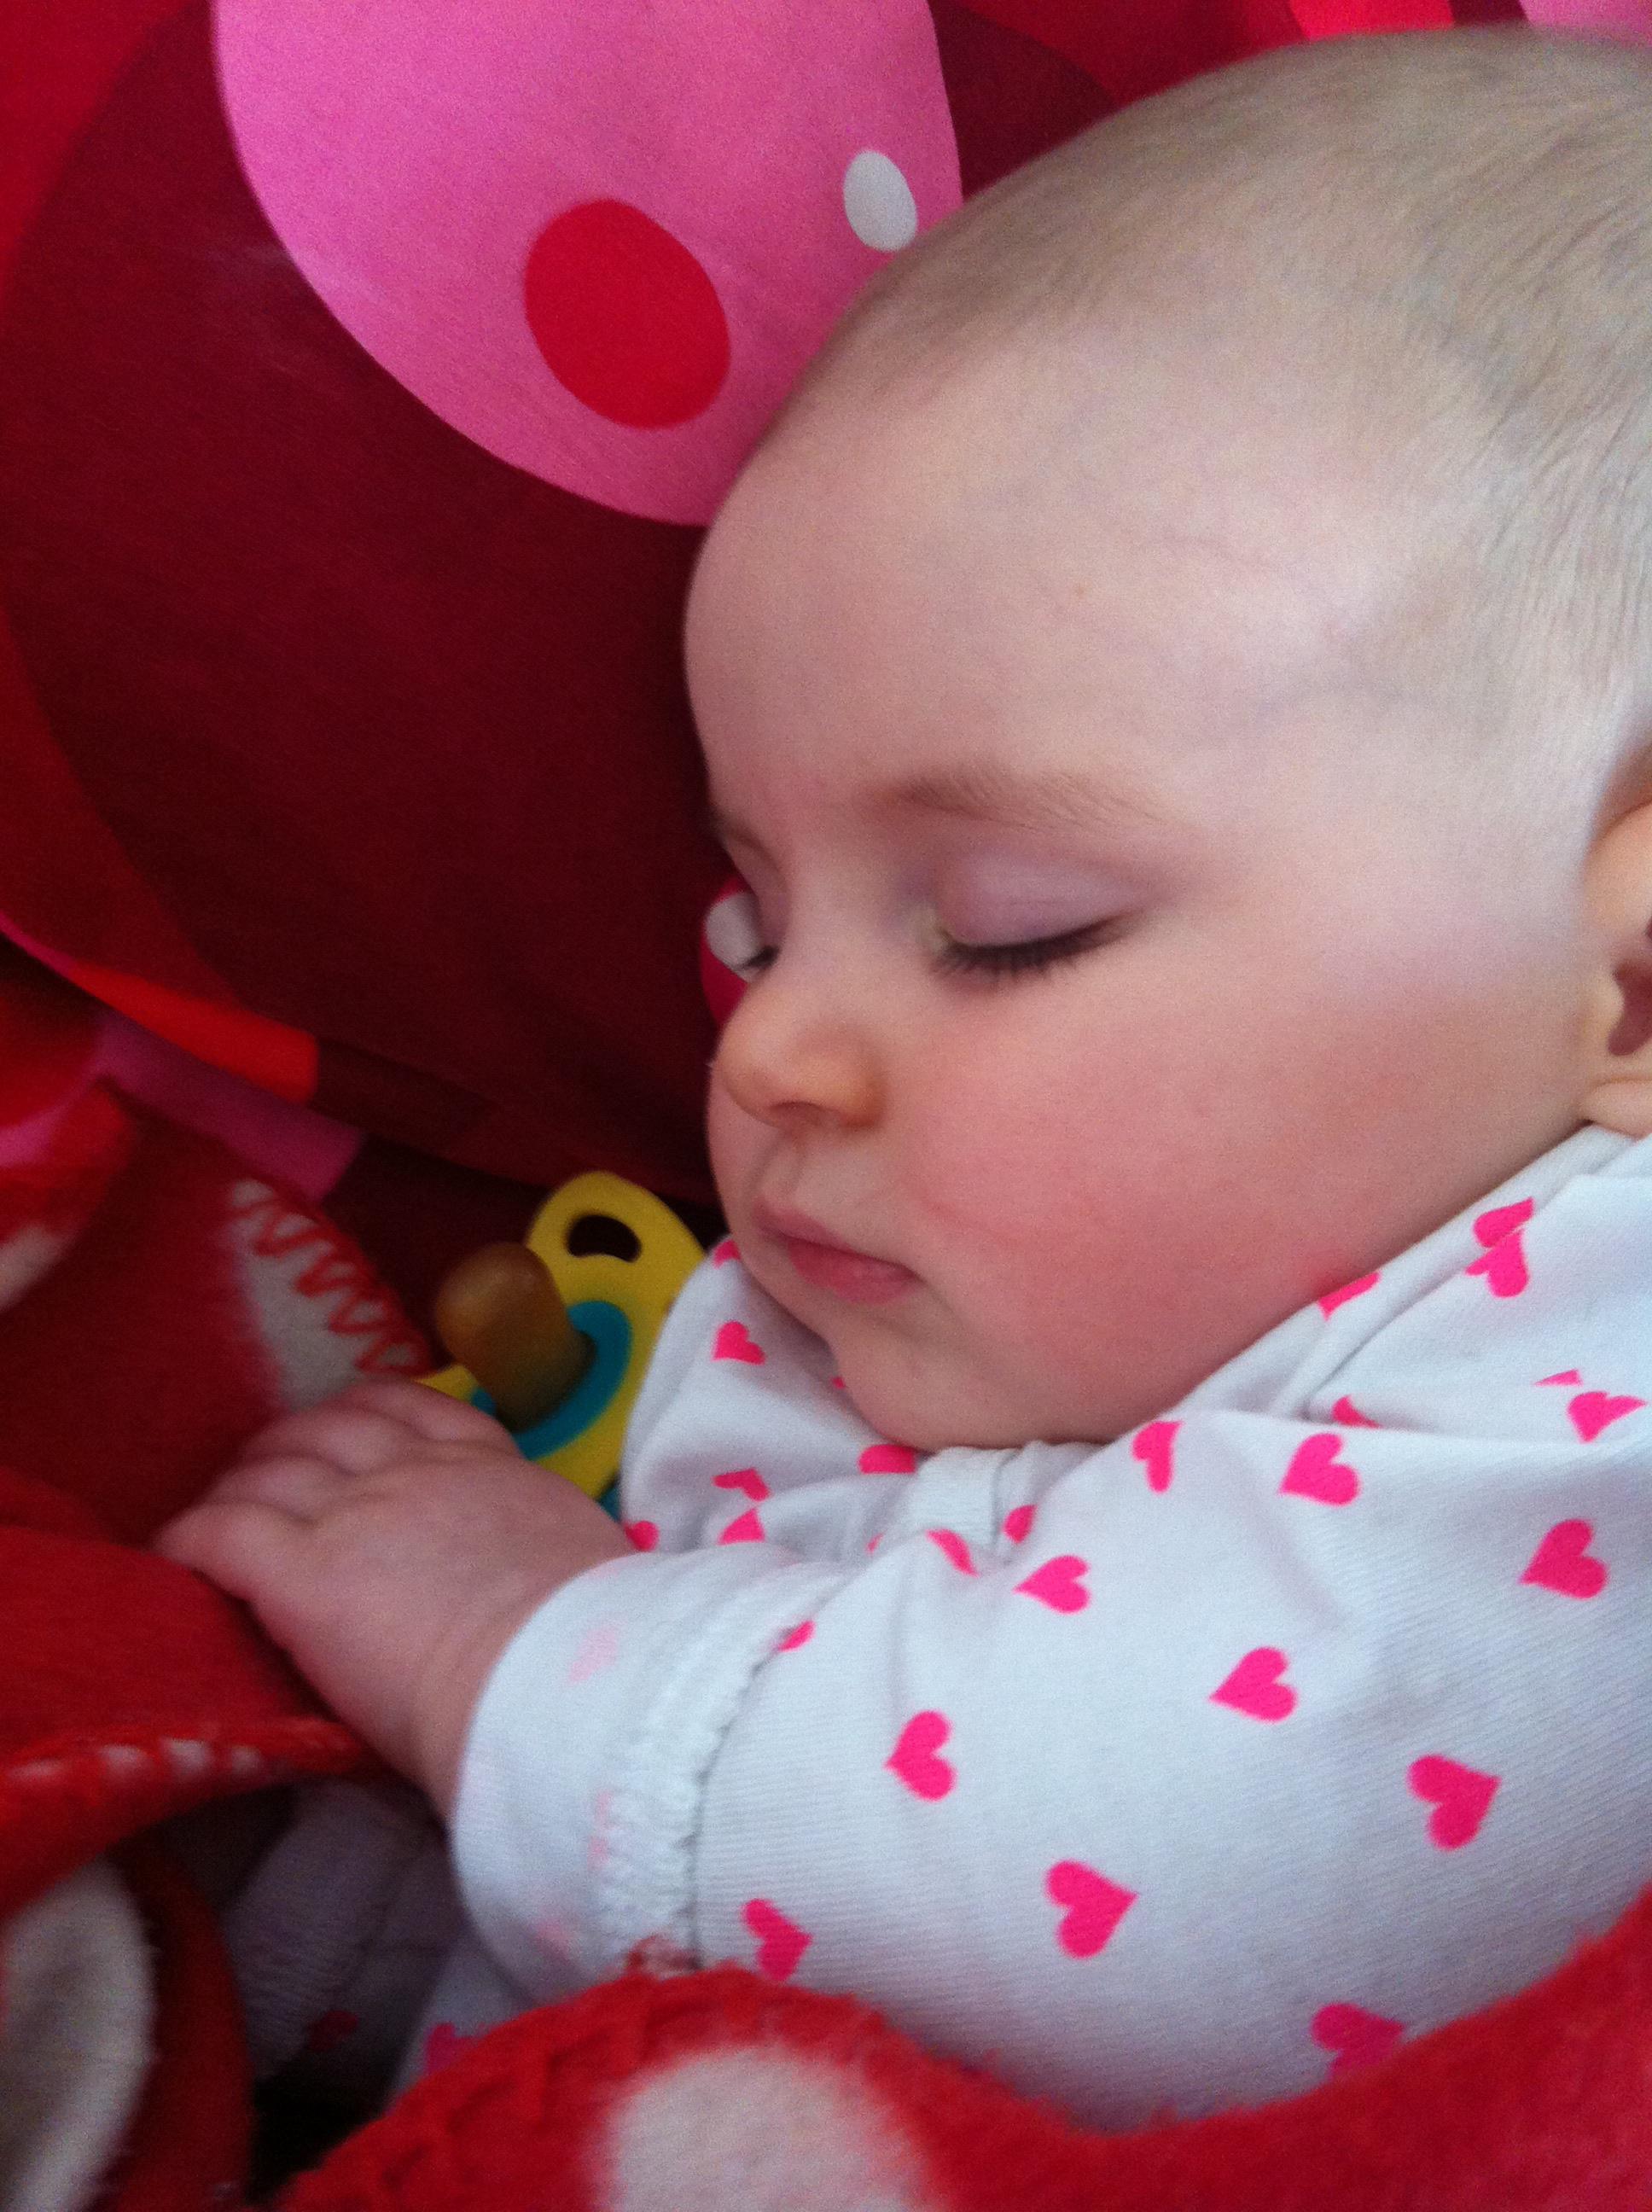 Pronta accoglienza per bambini 0-3 anni -Cooperativa COMIN